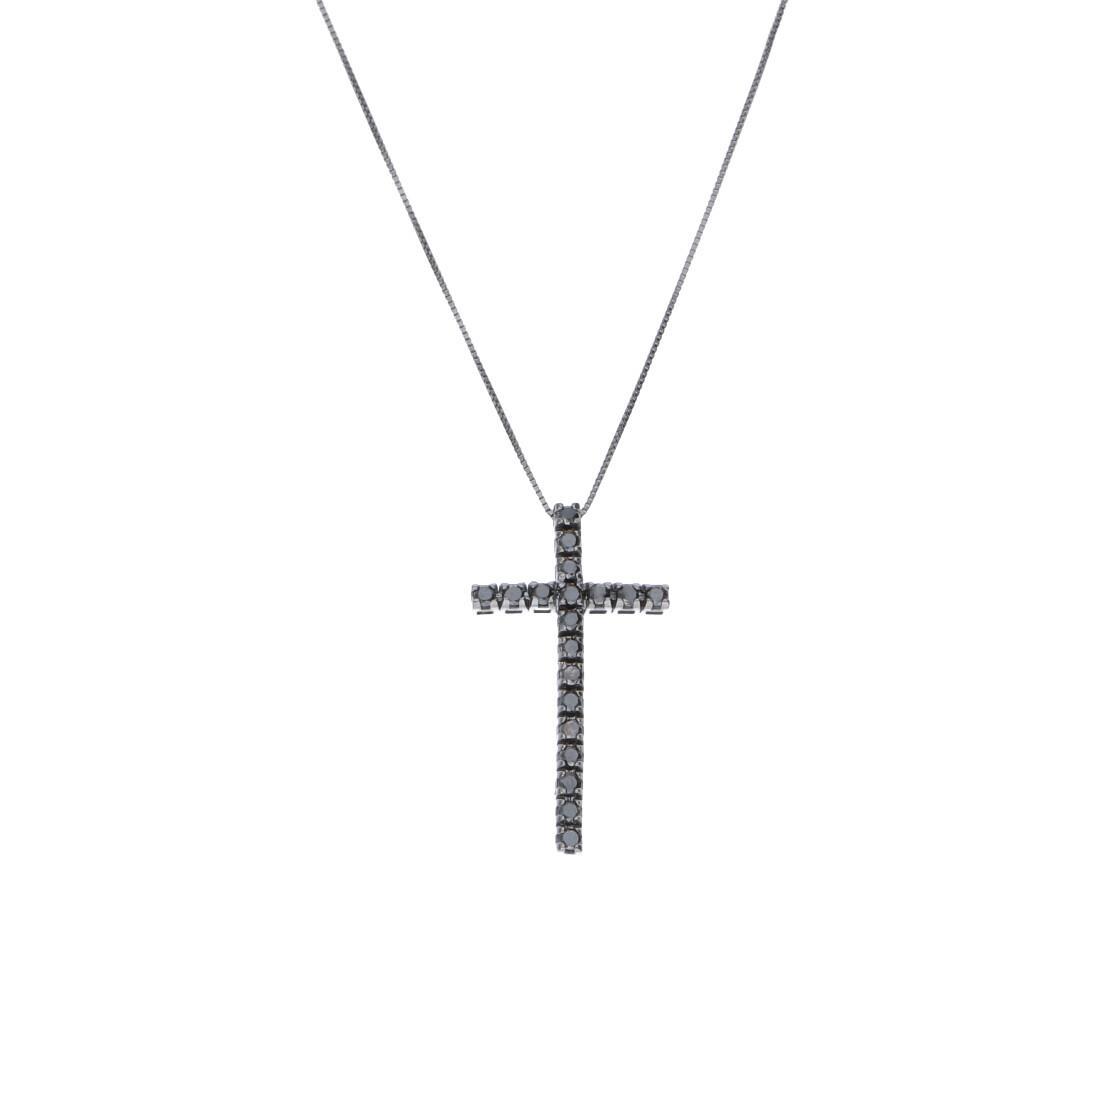 Collier con pendente croce in oro con diamanti neri - ALFIERI ST JOHN